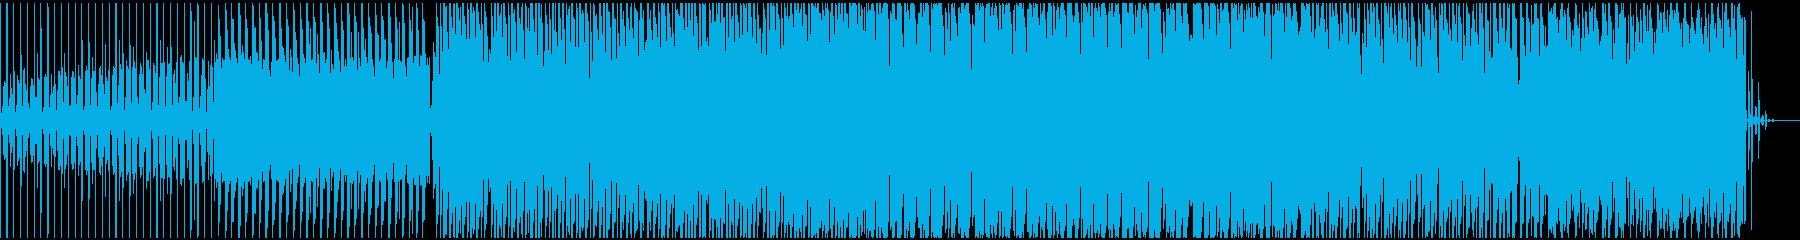 ハウス ダンス プログレッシブ テ...の再生済みの波形